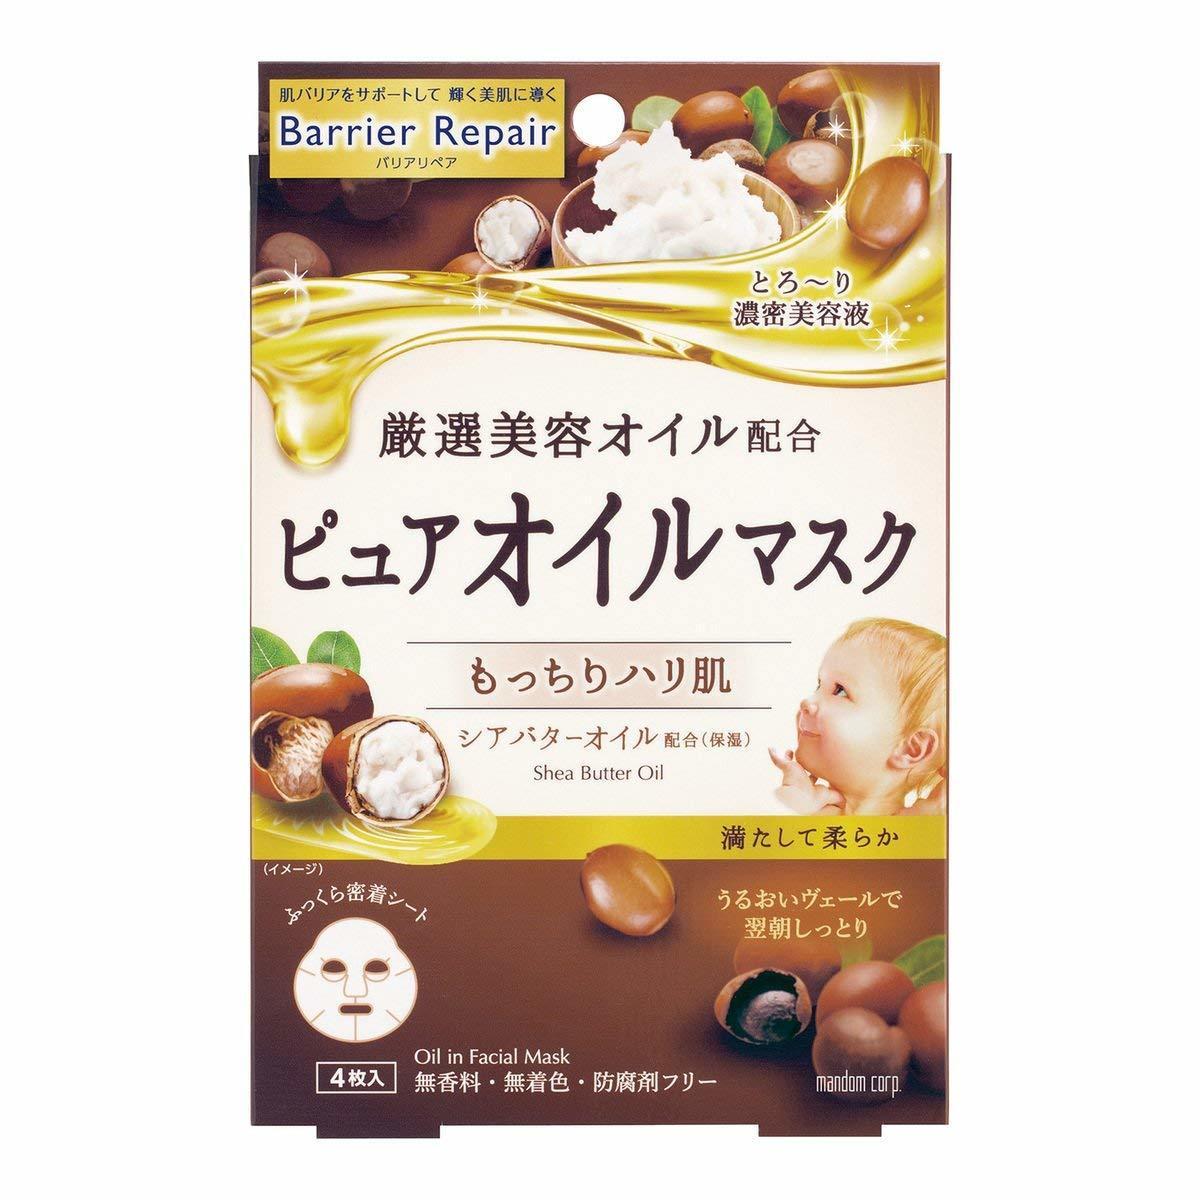 BARRIER REPAIR 高純度植物精油乳木果油緊緻面膜 4片裝 - 啡色4902806103878